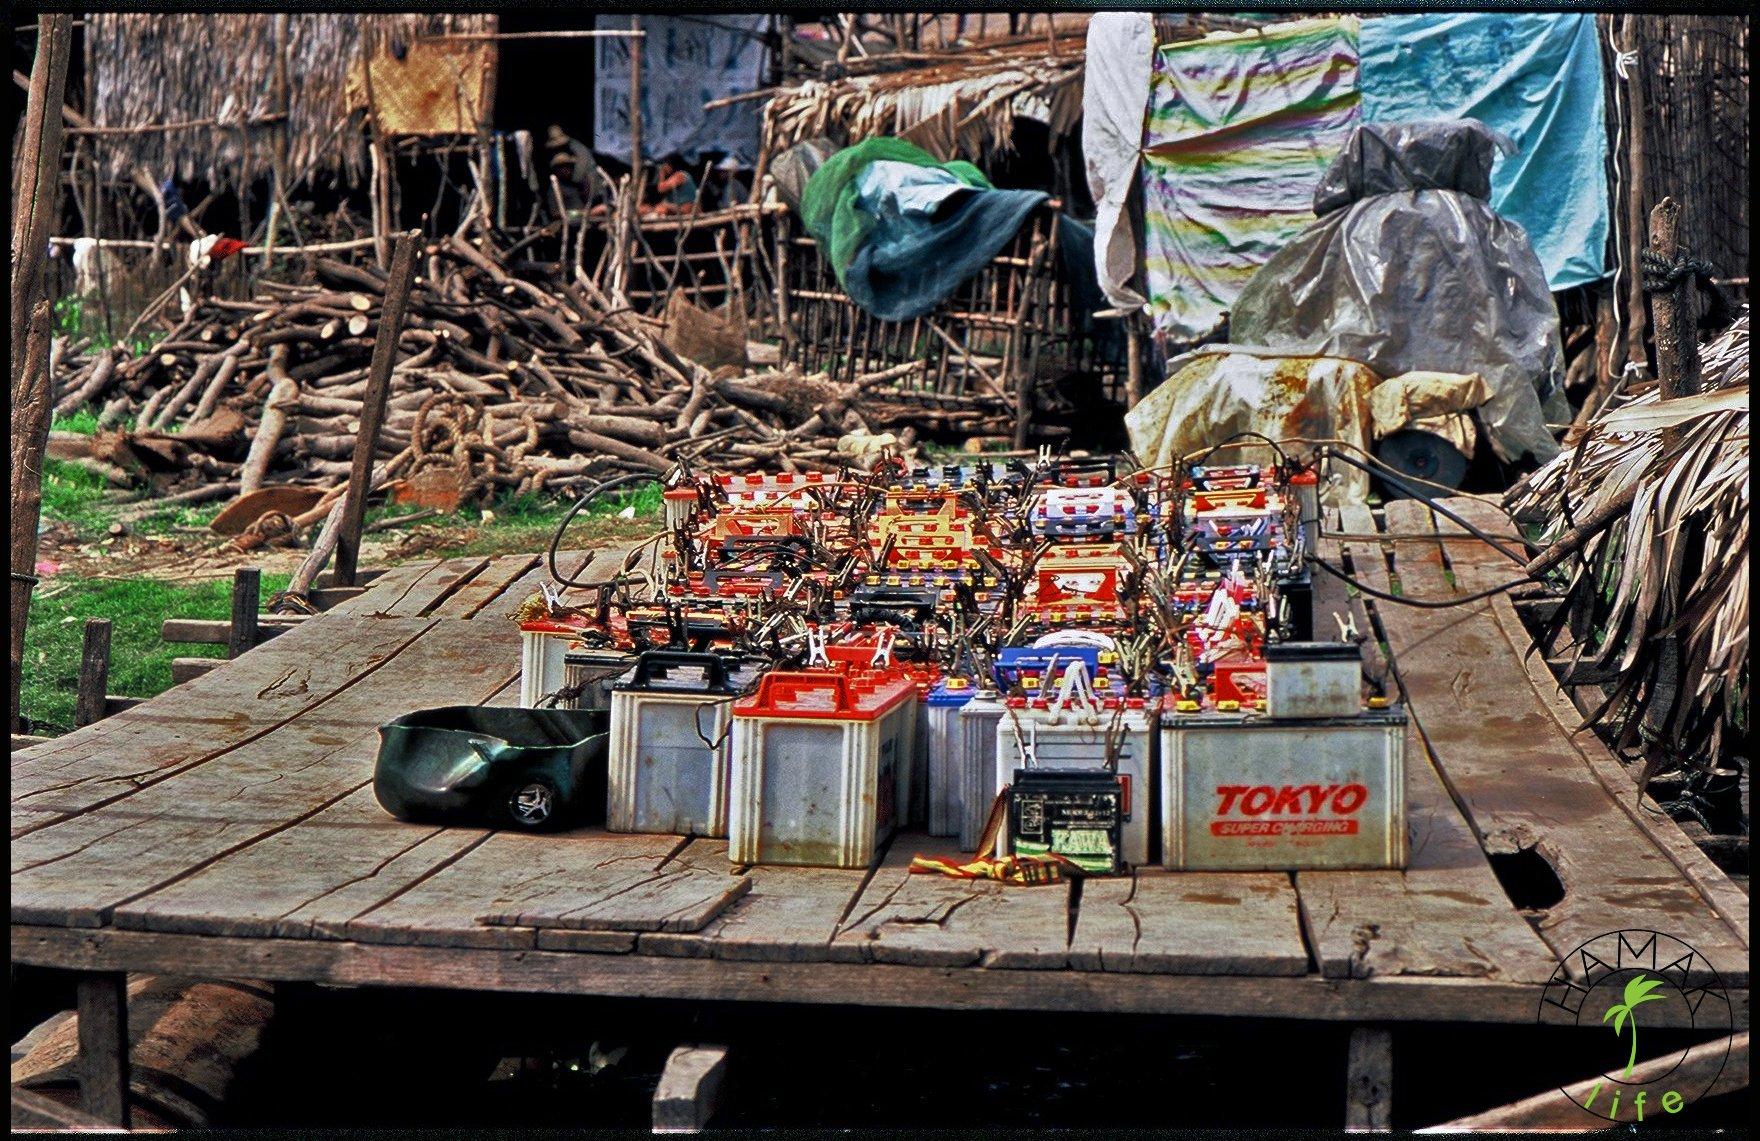 Akumulatory na sprzedaż w Kambodży.